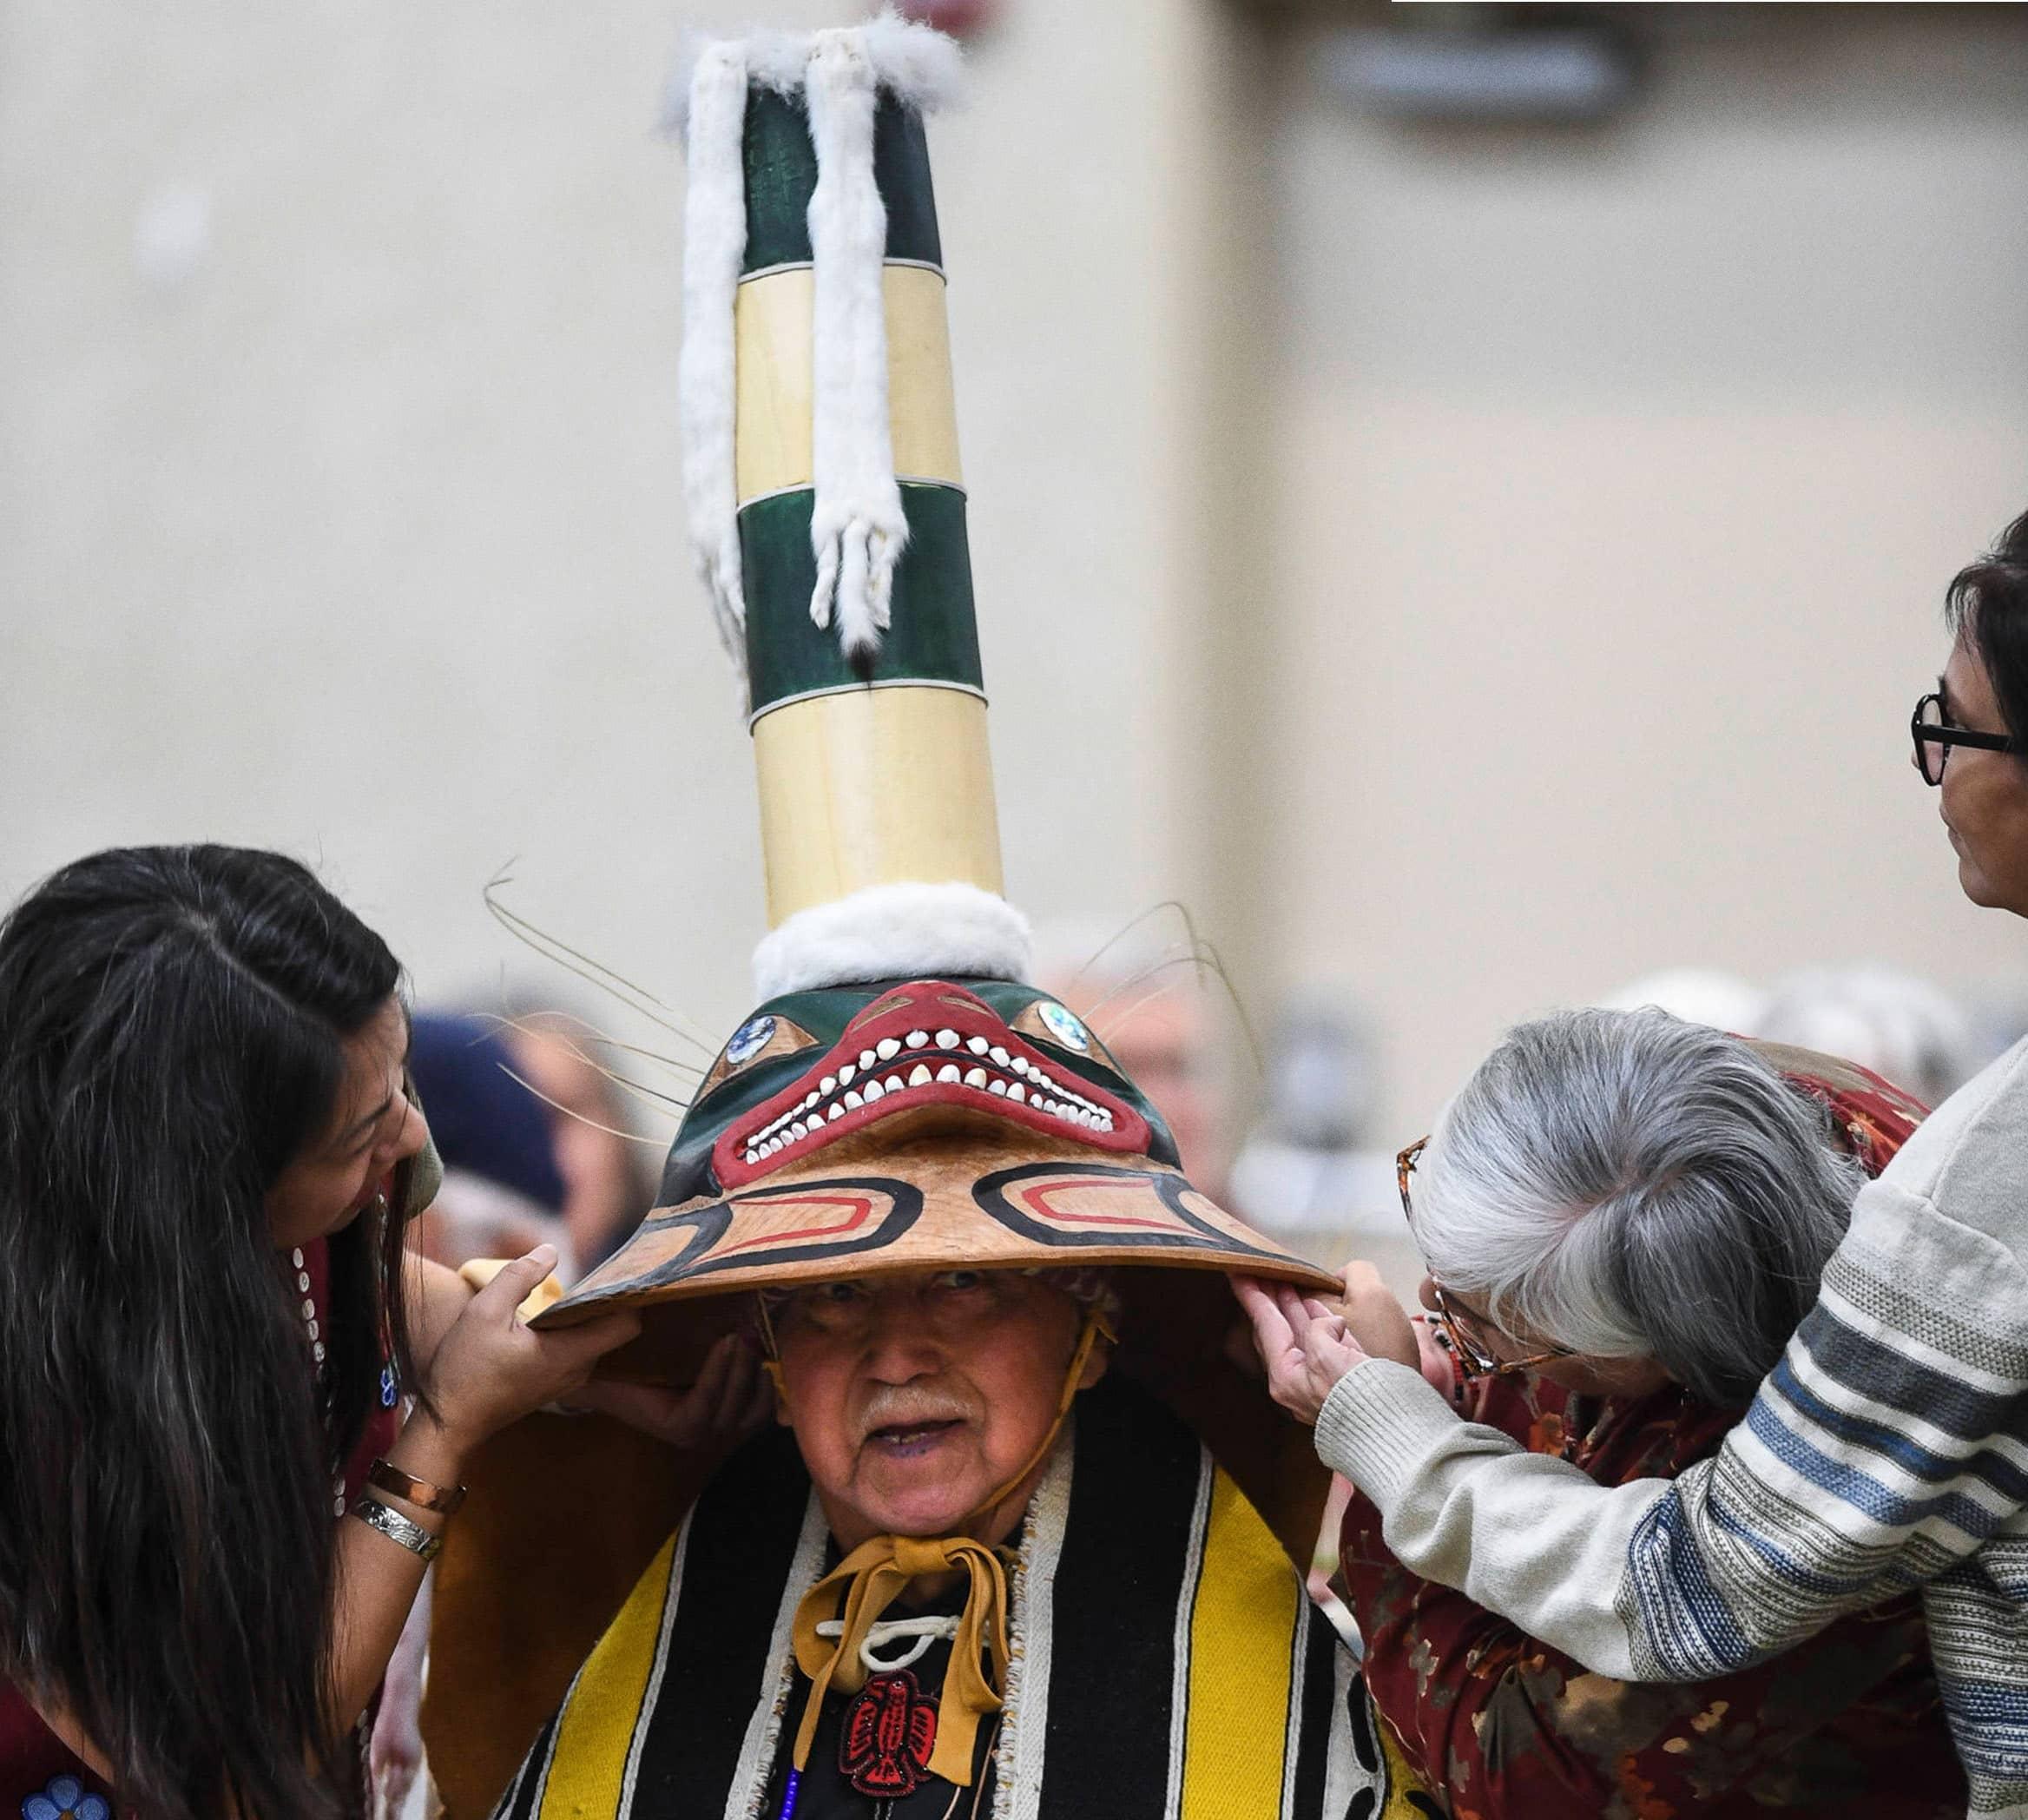 New Technology Brings Old Tlingit Hat Back To Alaska